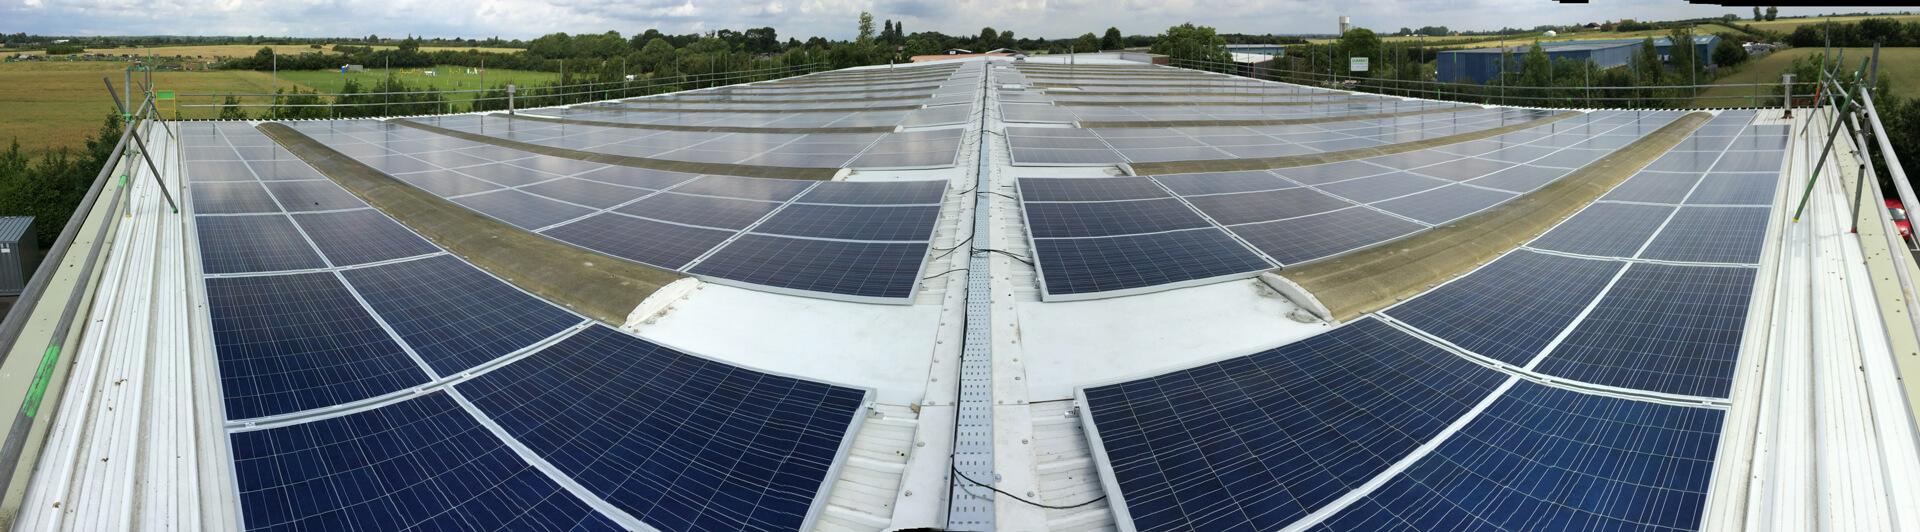 napelem-tamogatas-napelem-rendszer-palyazatok-megfizethetoseg